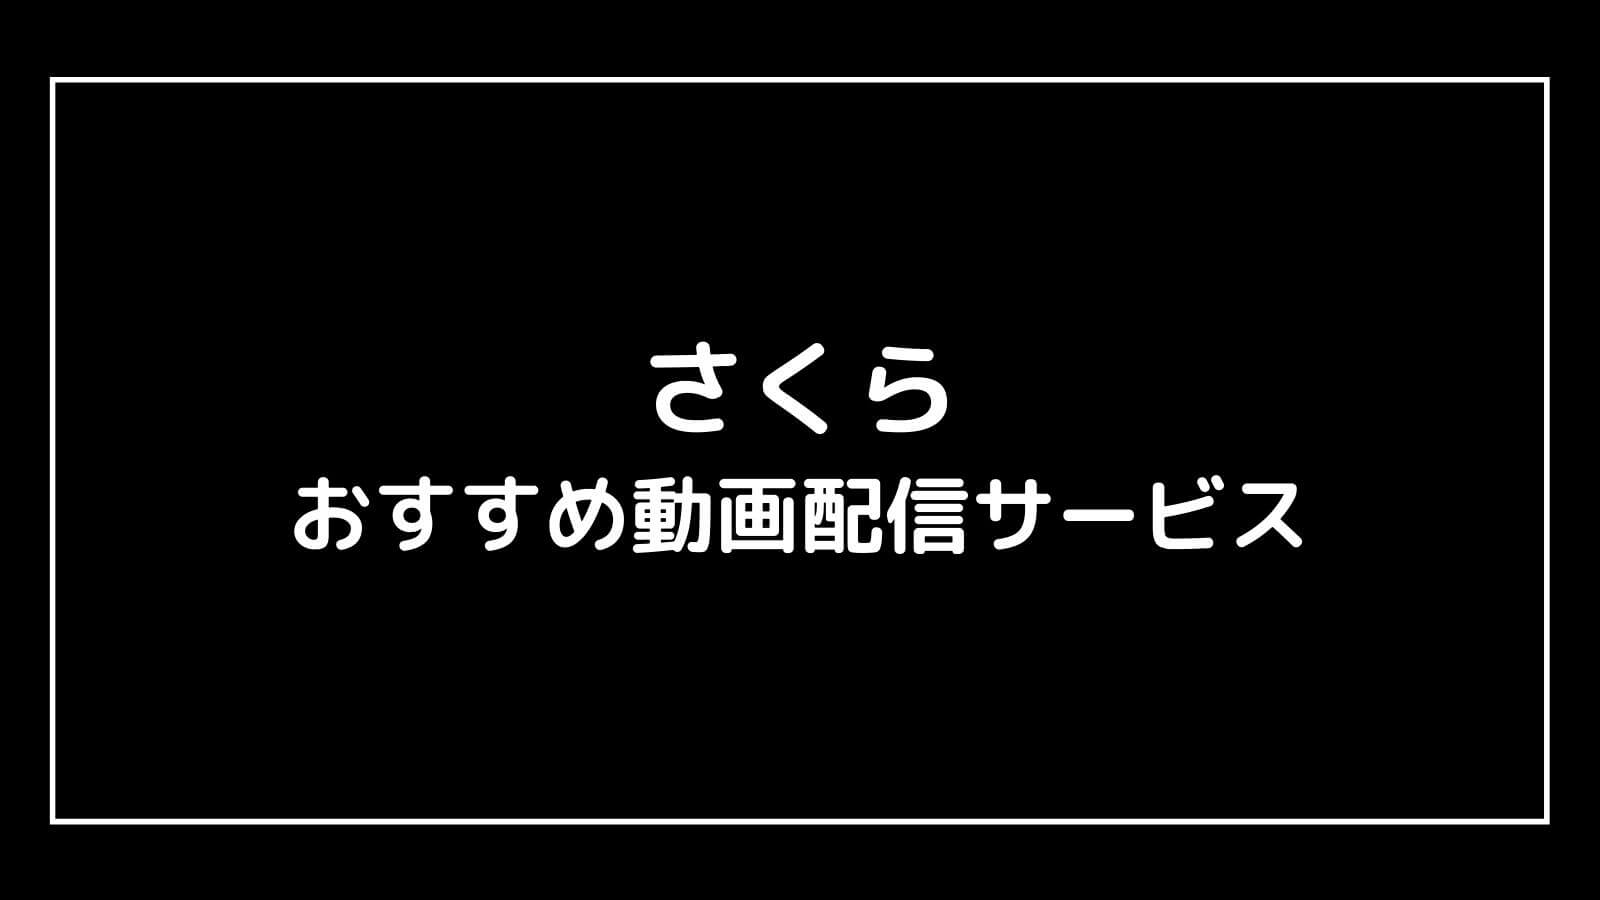 映画『さくら』を無料視聴できる動画配信サービス【北村匠海・小松菜奈・吉沢亮】